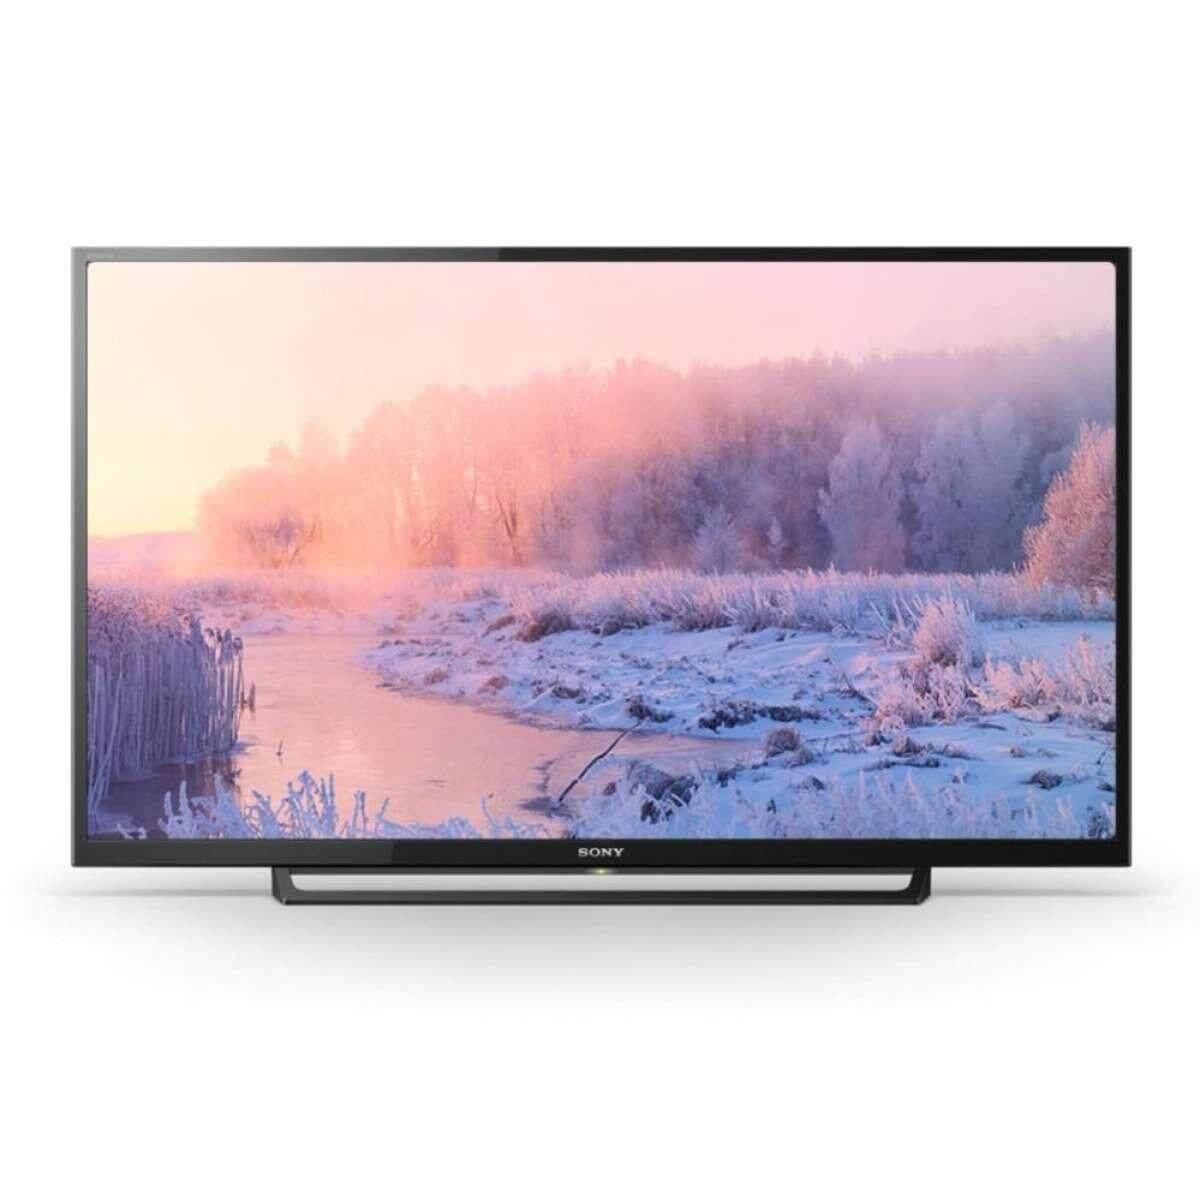 Sony 32 HD LED TV KDL-32R300E Malaysia